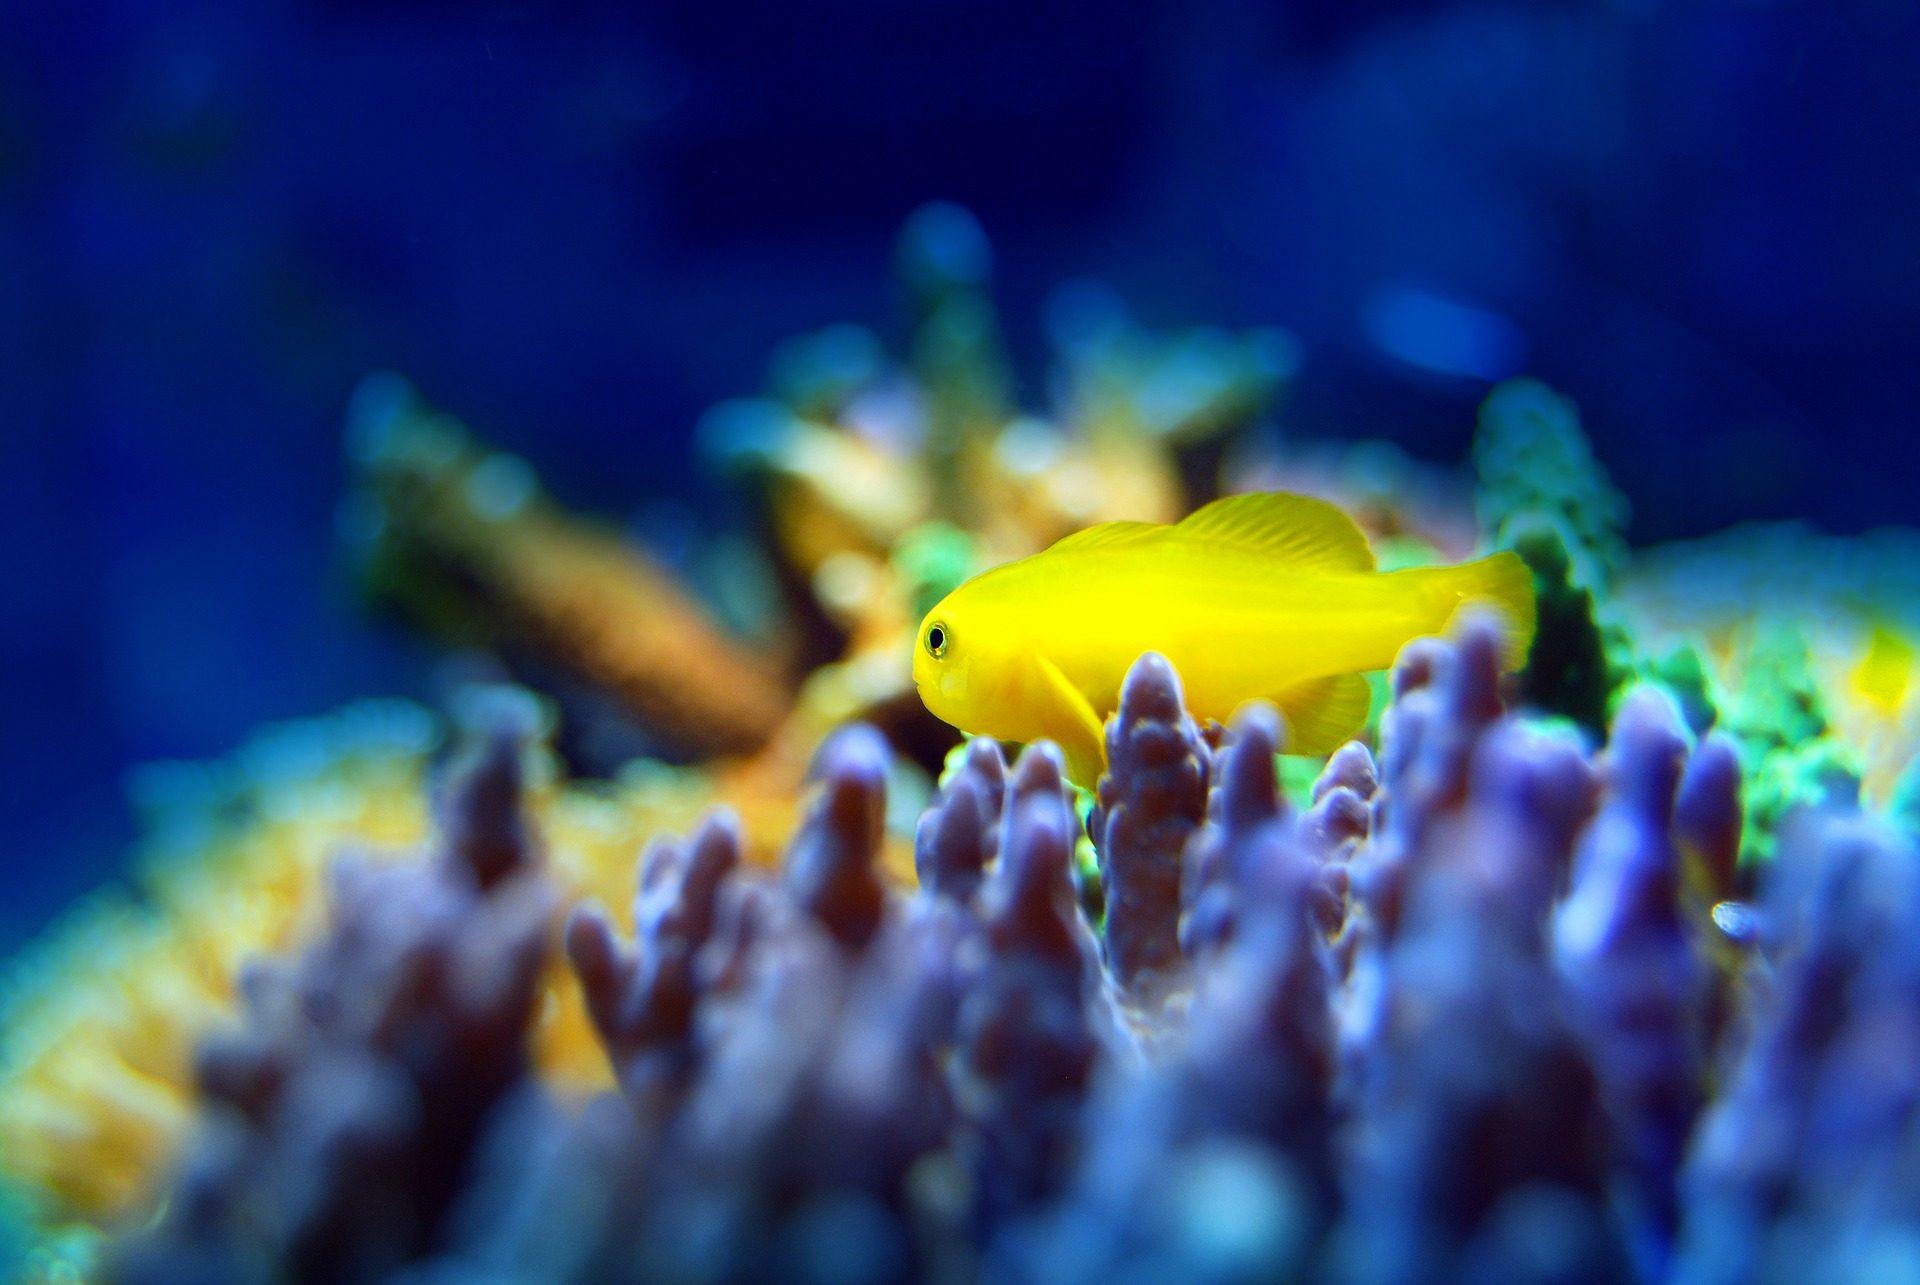 Fisch, Koralle, Arrecife, bunte, Aquarium - Wallpaper HD - Prof.-falken.com